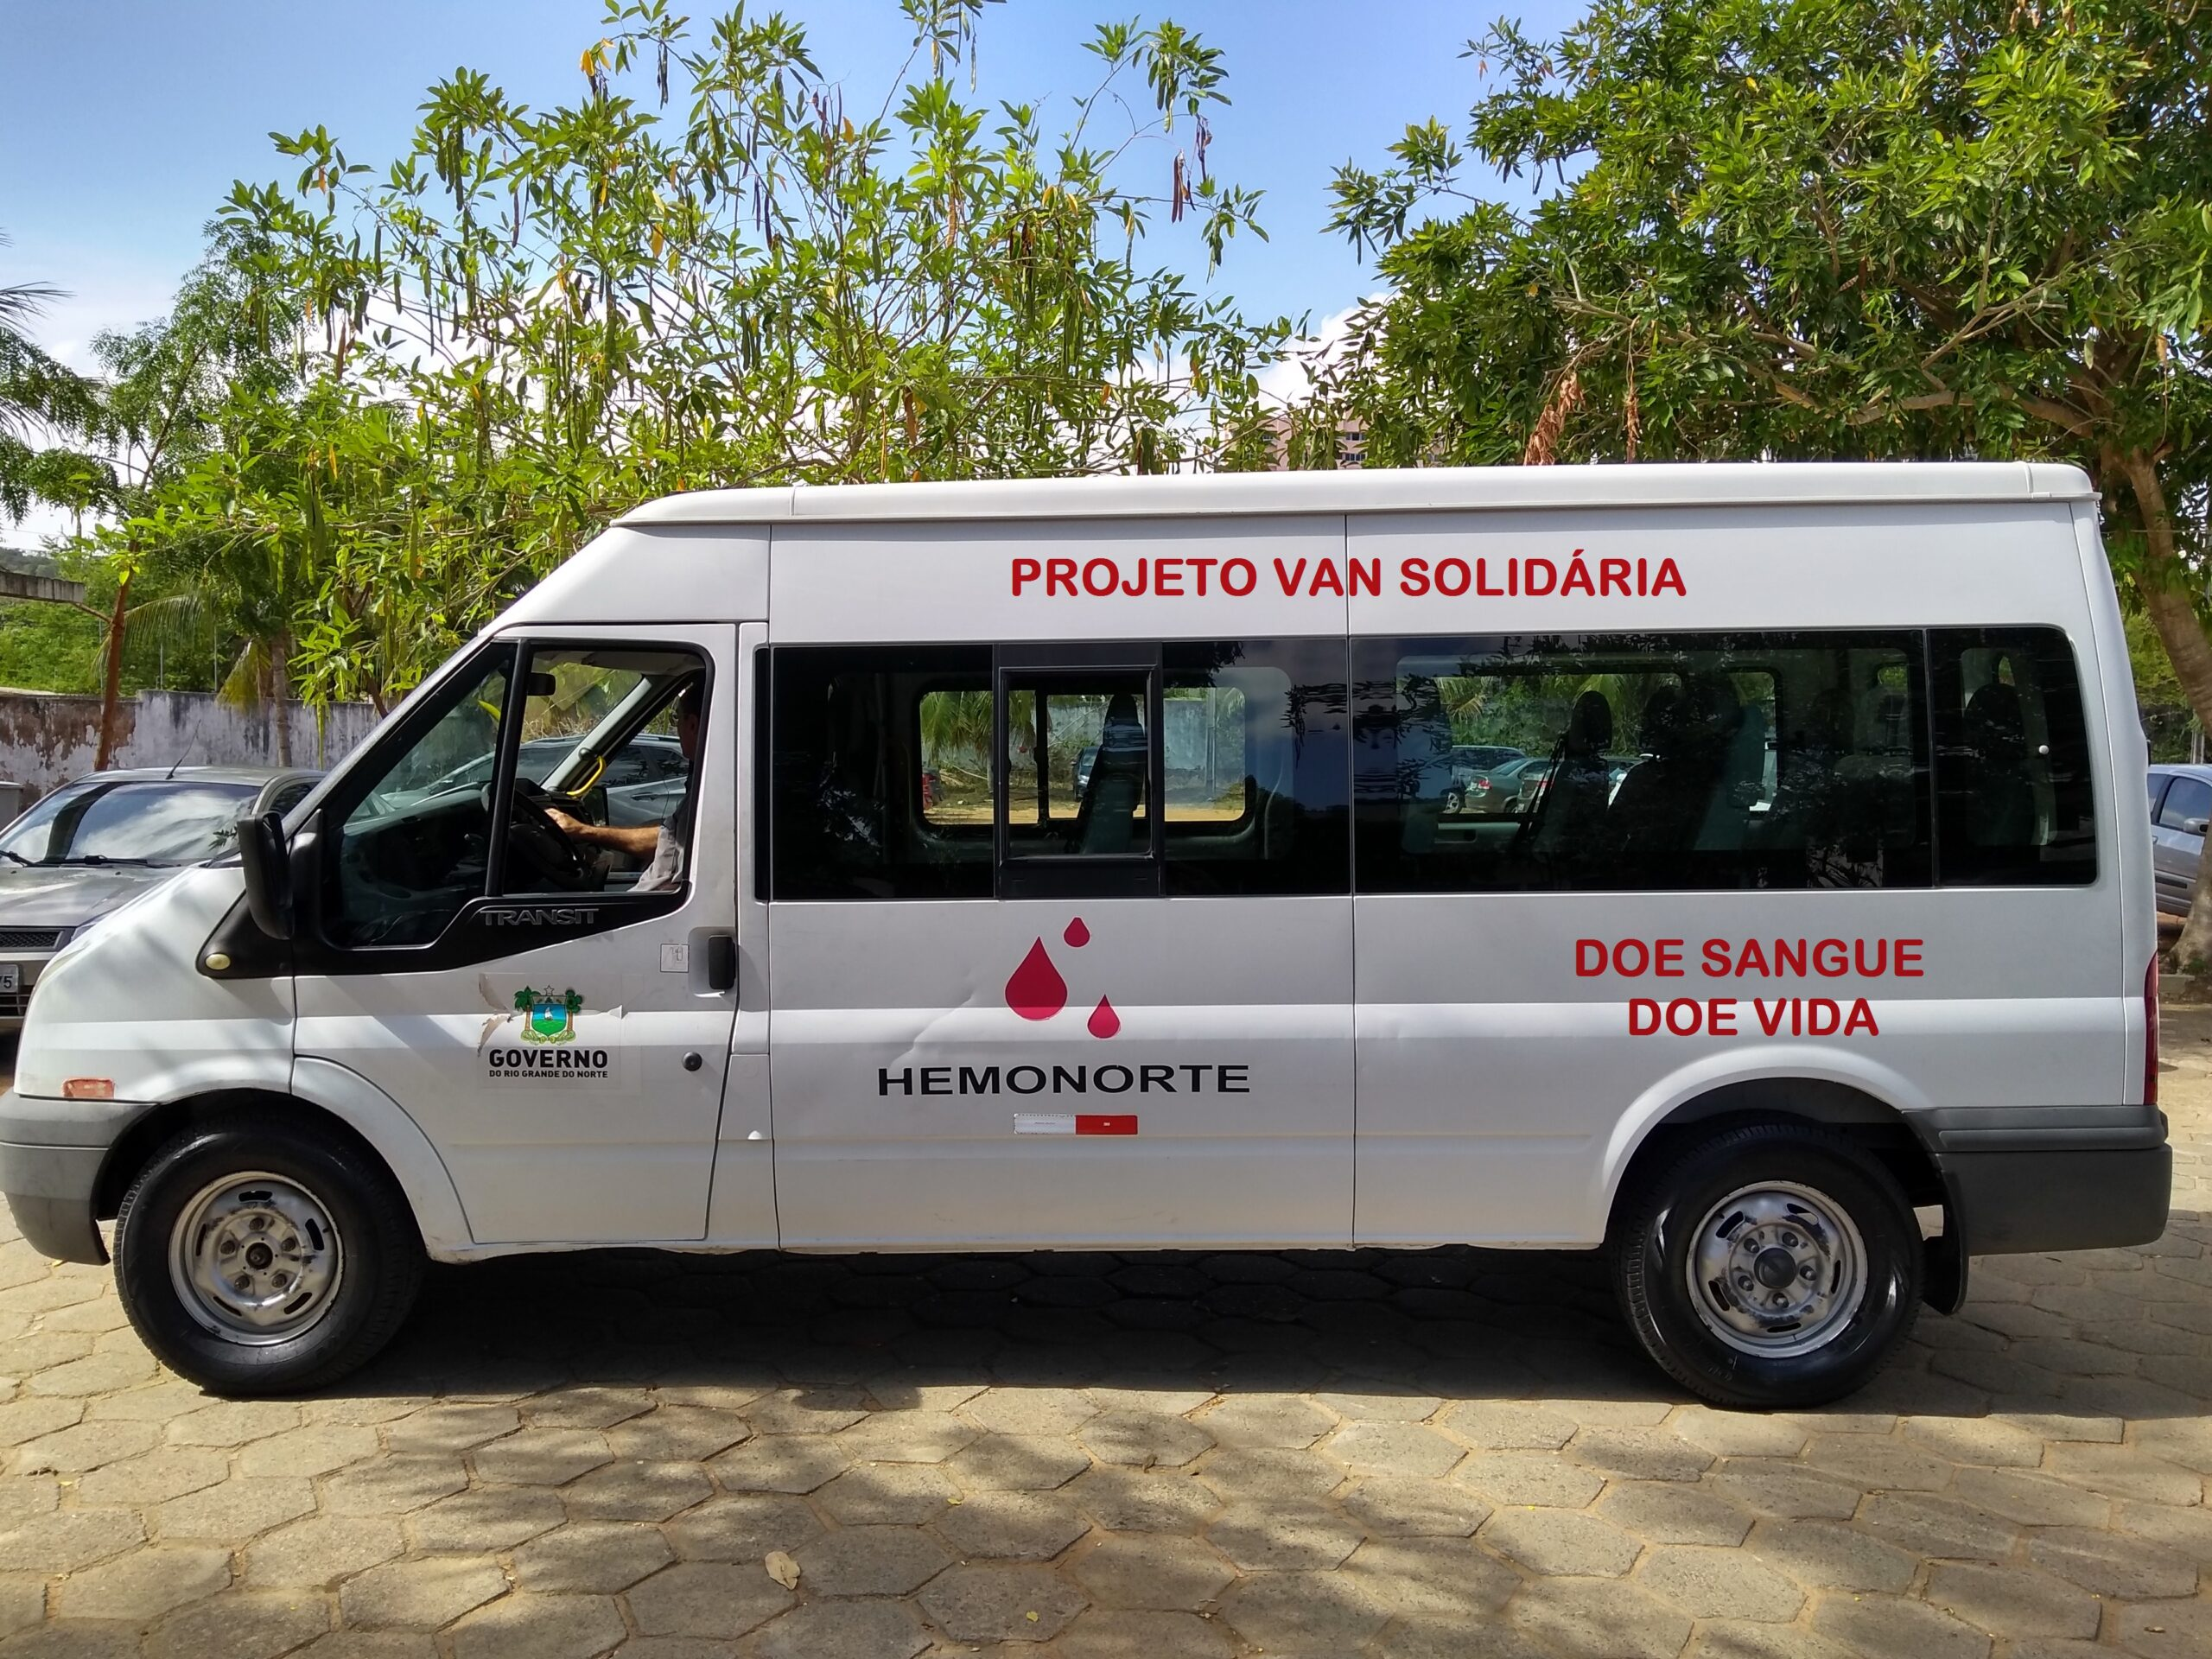 """Hemonorte lança a """"Van solidária"""" para a doação de sangue"""